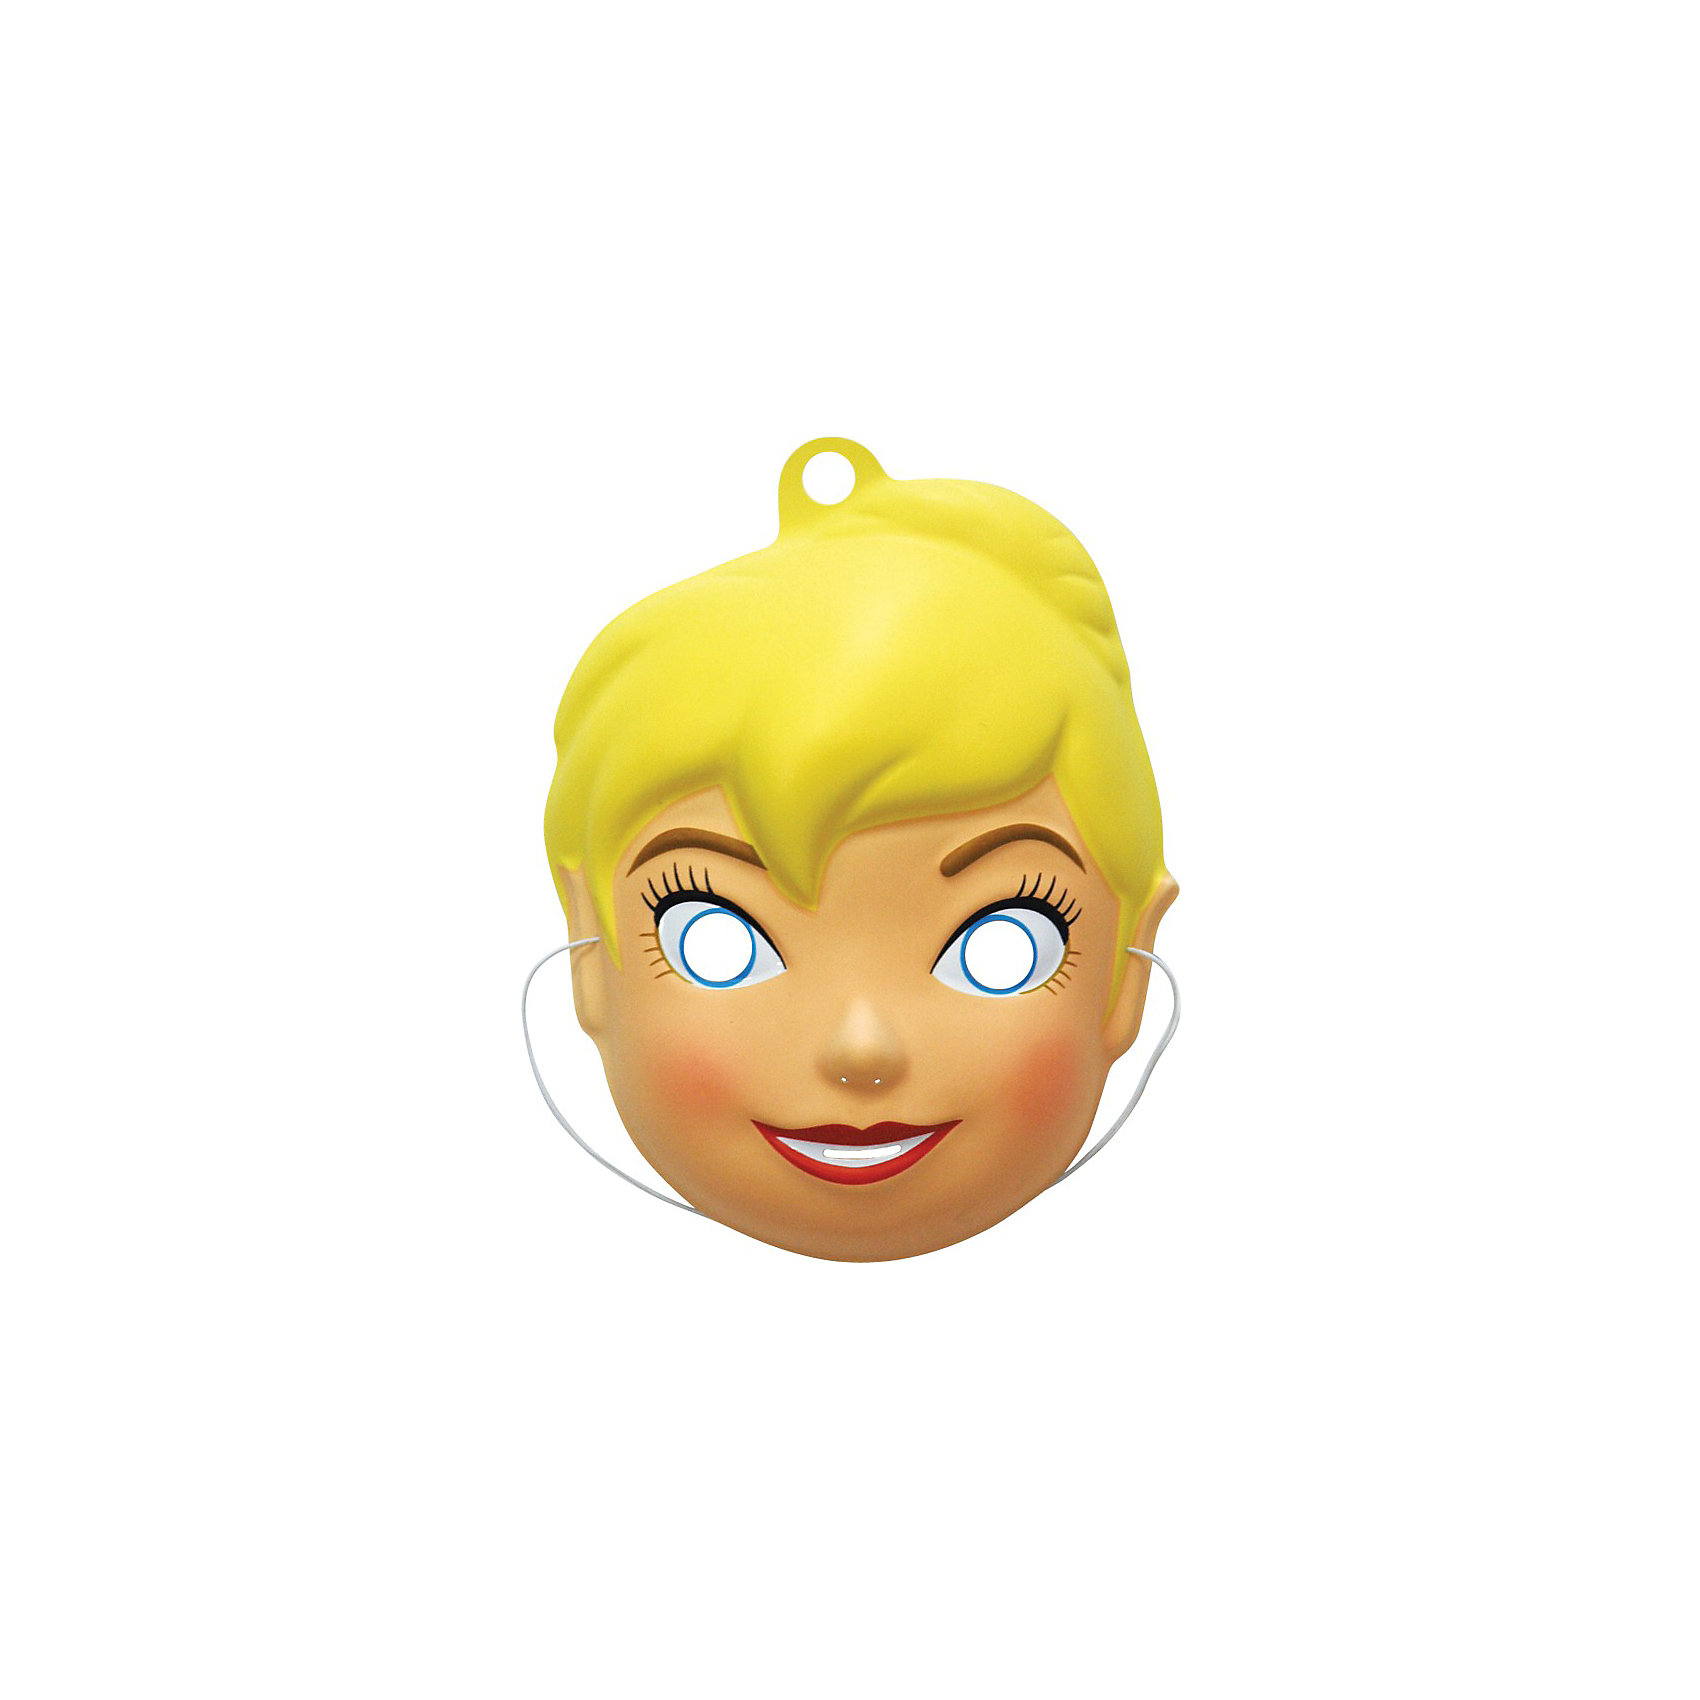 Маска Фея Динь-Динь, РосмэнФеи Дисней<br>Отправляясь на детский праздник, почему бы не создать образ очаровательной феи Динь-Динь? Для этого пригодится маска, которую можно использовать даже в качестве единственного карнавального элемента в одежде малышки. Надев ее, малютка легко перевоплощается в любимого персонажа.&#13;<br><br>Дополнительная информация: <br><br>- Материал: пластик.<br>- Размер:  16,5 х 4,5 х 22,5 см..<br>- Маска на резинке (входит в комплект).<br><br>Маску  Фея Динь-Динь, Росмэн можно купить в нашем магазине.<br><br>Ширина мм: 165<br>Глубина мм: 45<br>Высота мм: 225<br>Вес г: 30<br>Возраст от месяцев: 36<br>Возраст до месяцев: 108<br>Пол: Женский<br>Возраст: Детский<br>SKU: 3825973